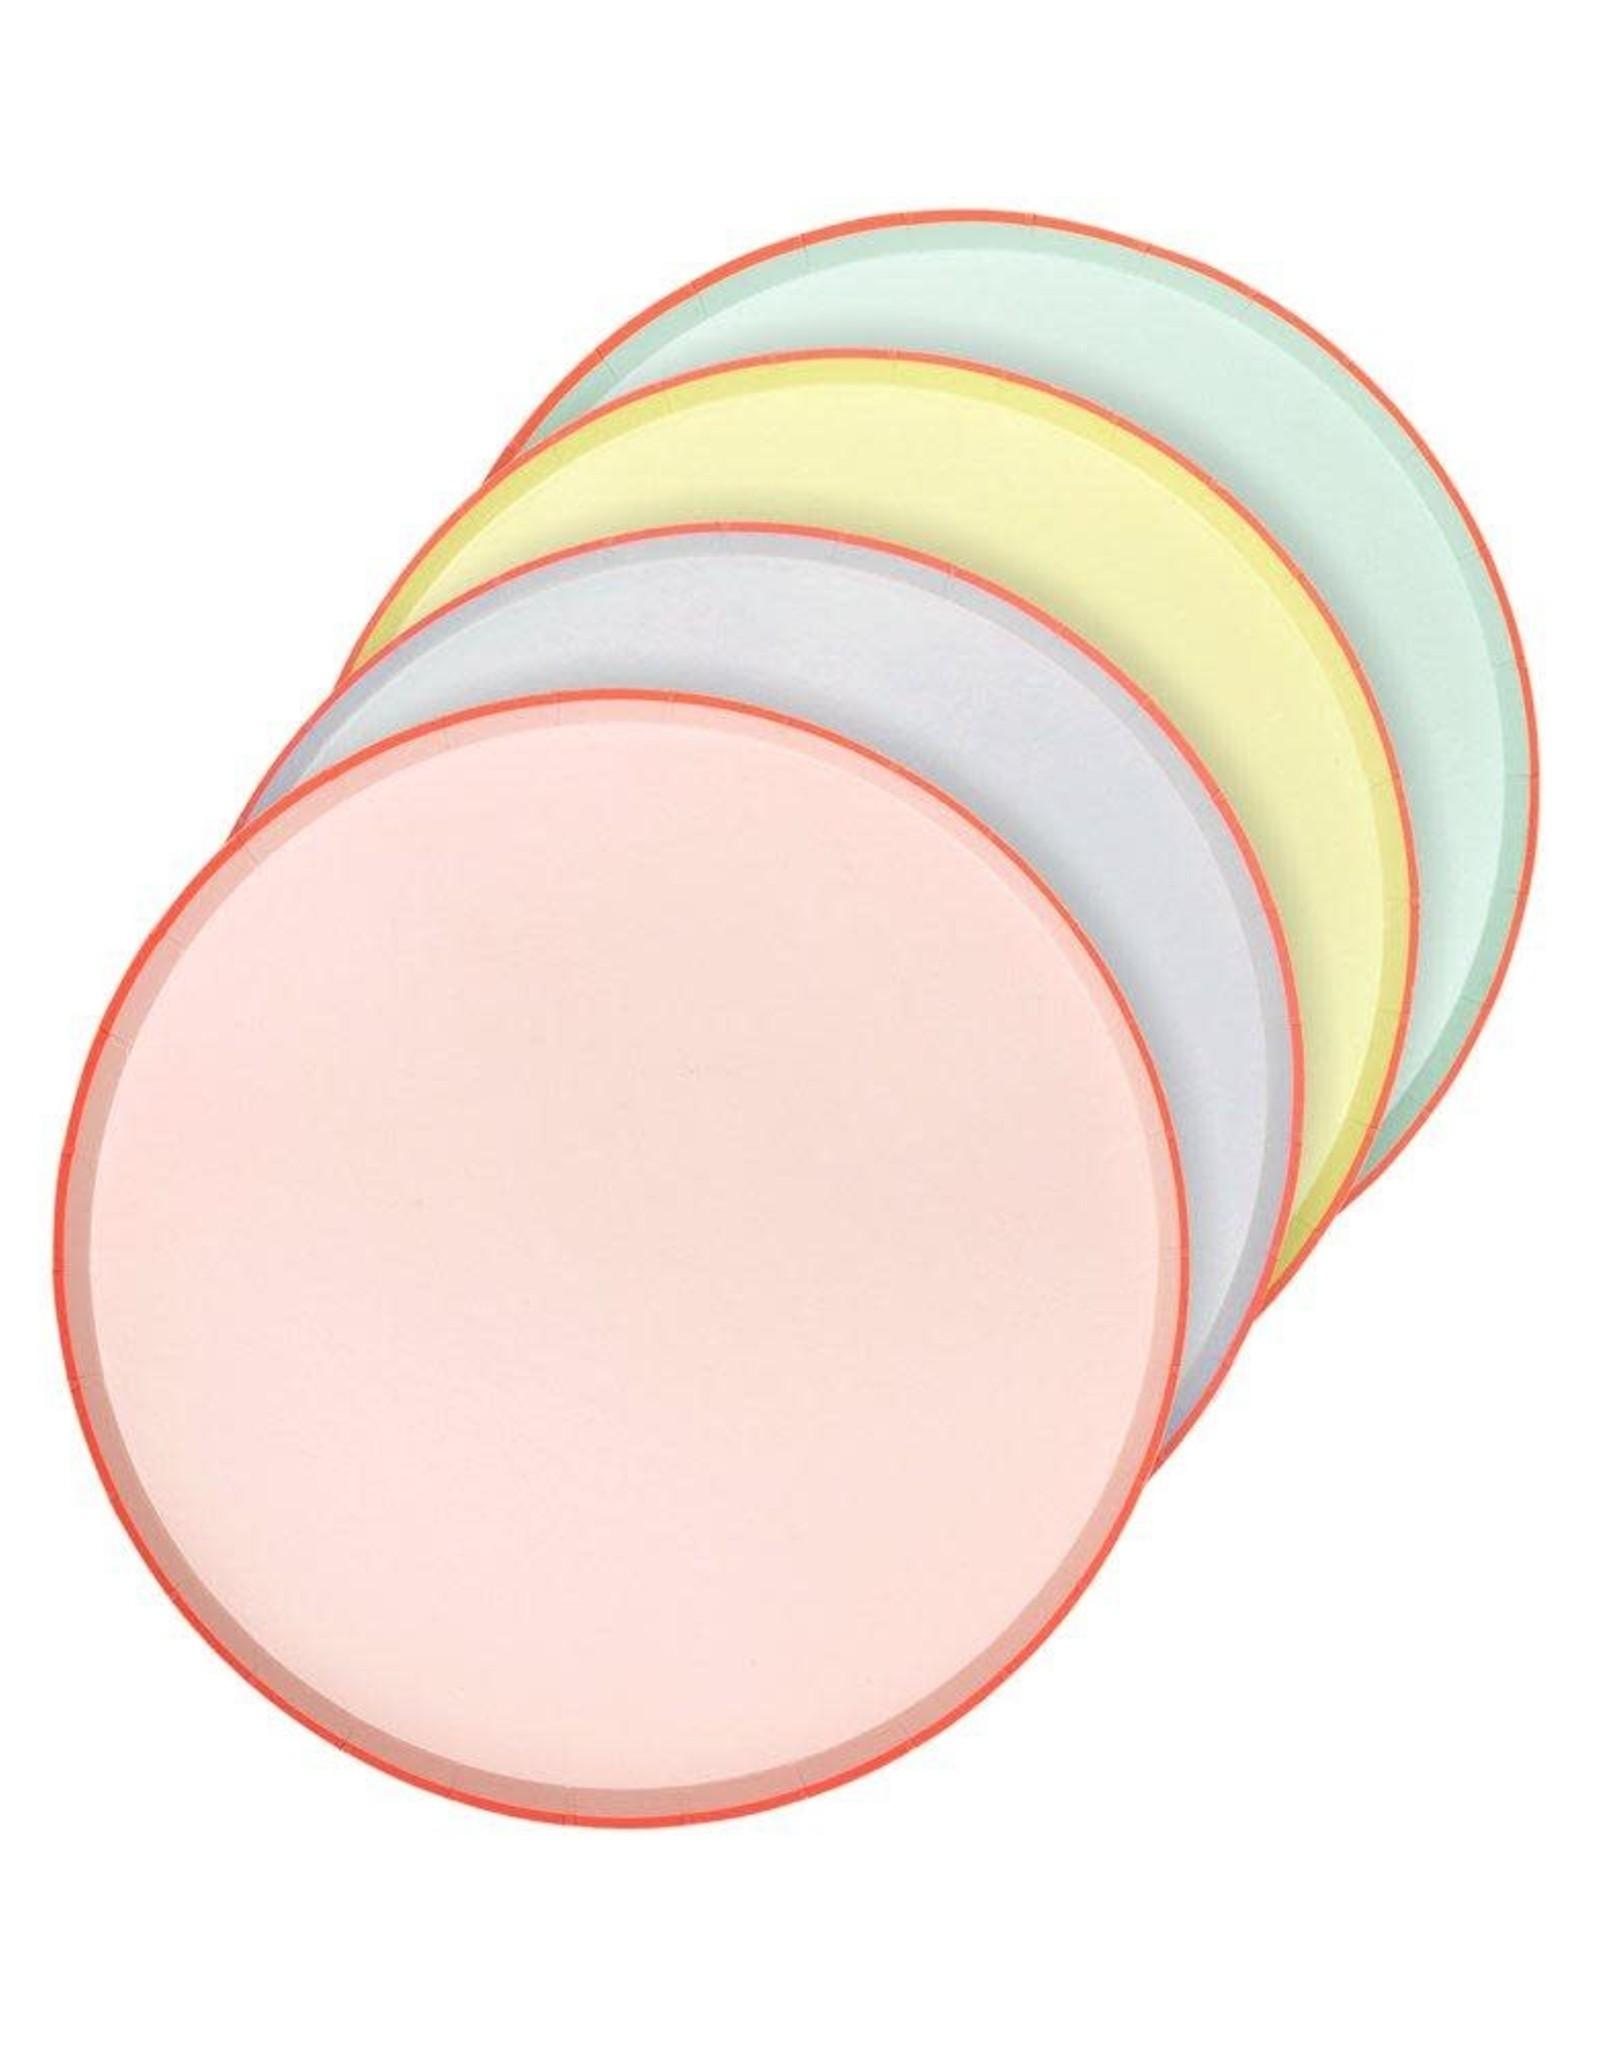 Meri Meri pastel w/ neon plates